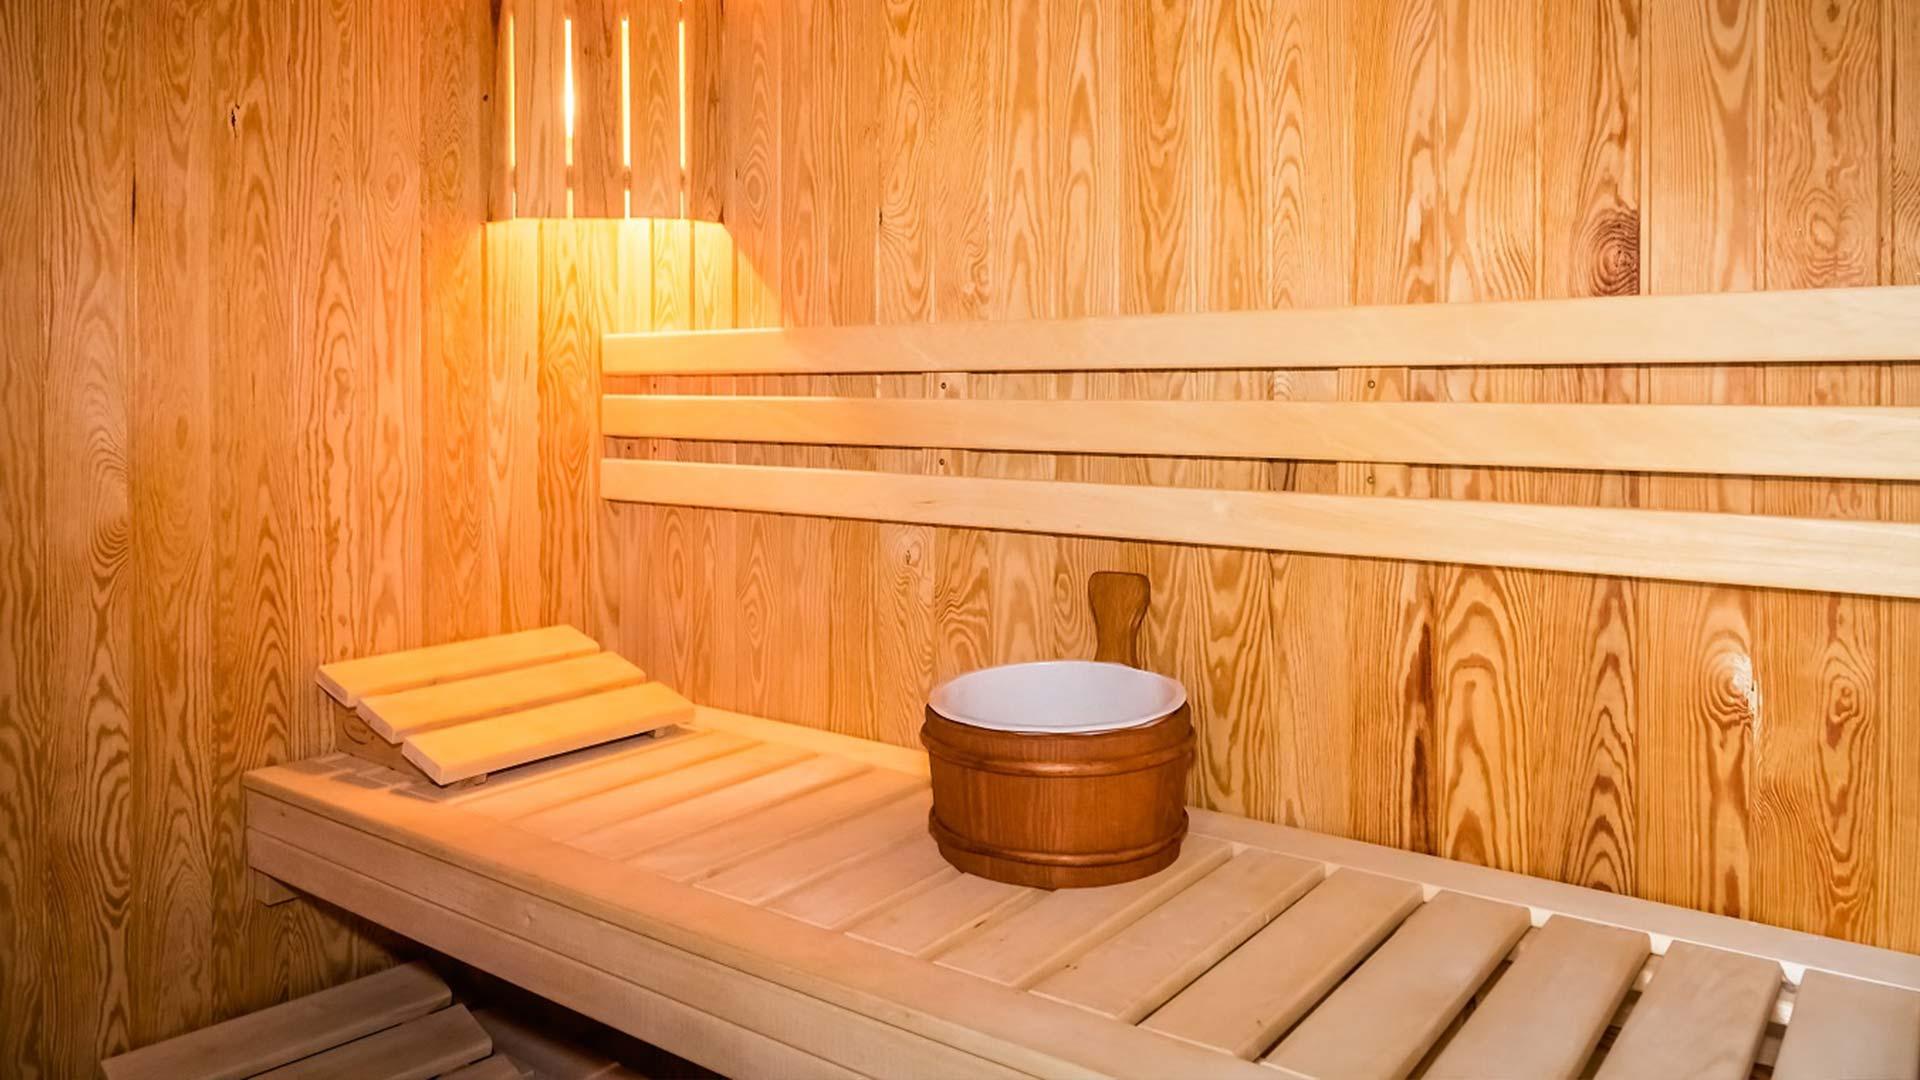 Richtig saunieren für ein stärkeres Immunsystem - weitere Wohnideen findest du auch auf desmondo.de